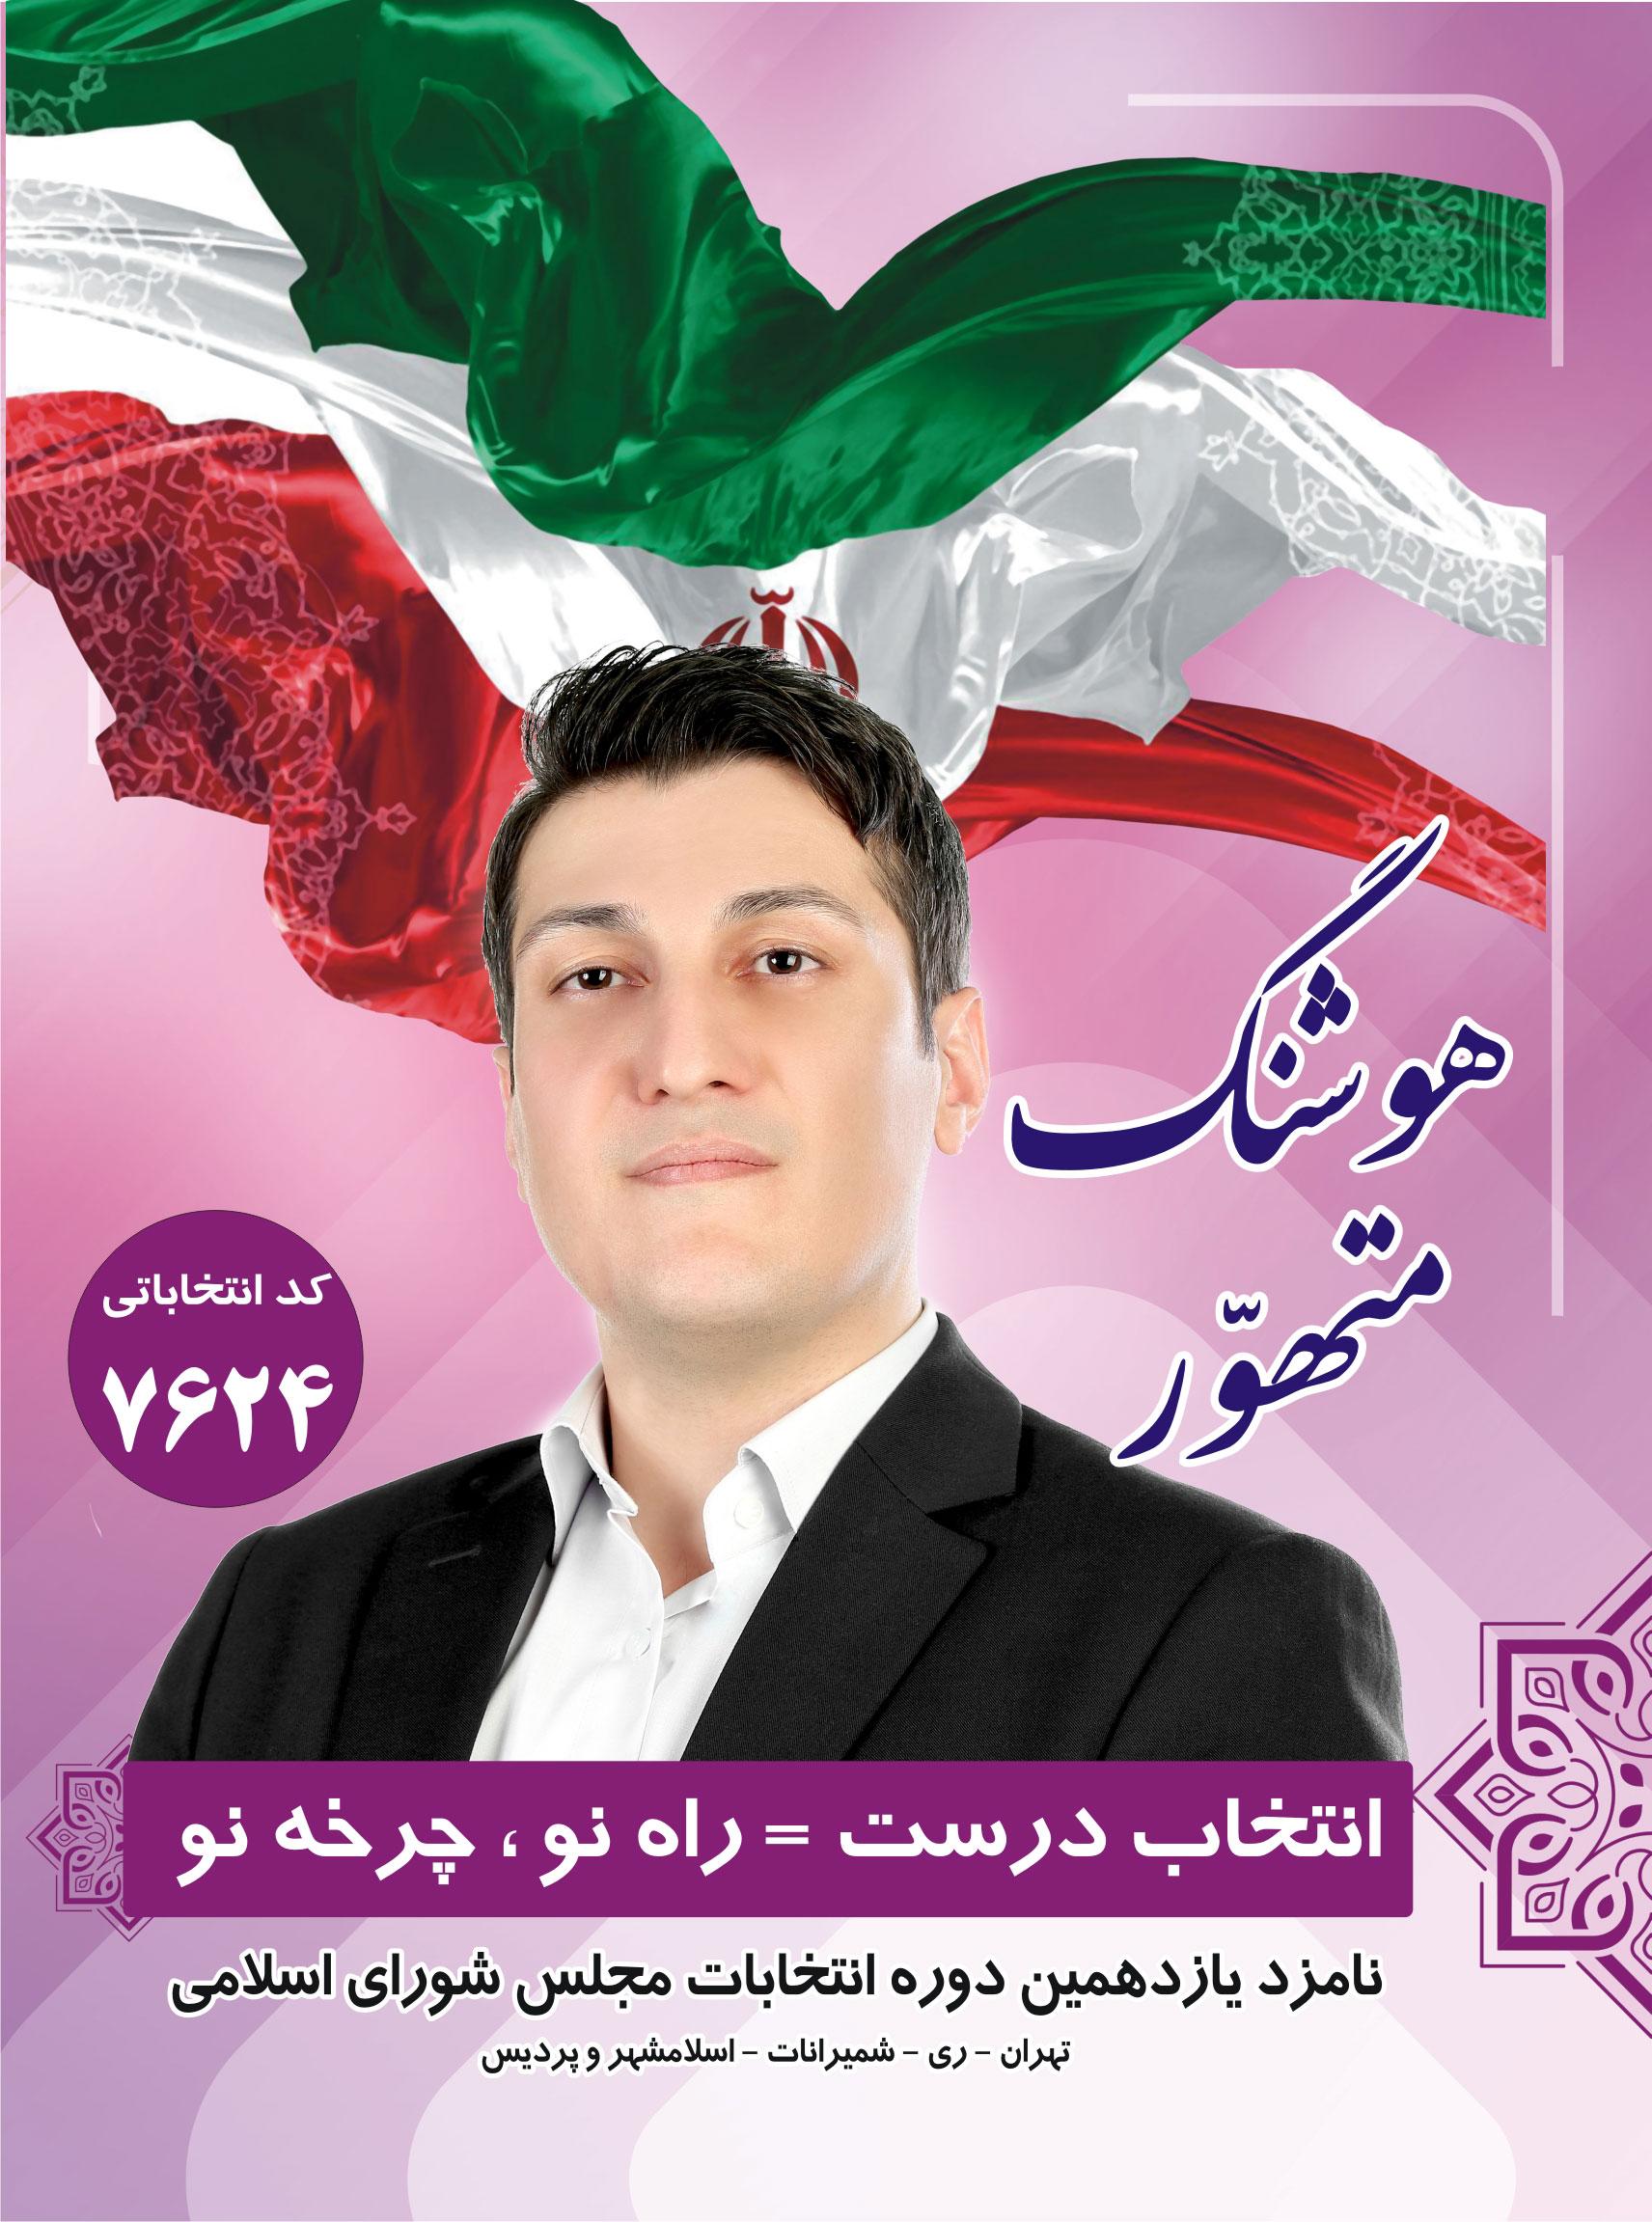 عکاسی تبلیغاتی دکتر هوشنگ متهور نامزد یازدهیم انتخابات مجلس شورای اسلامی ایران در سال 98